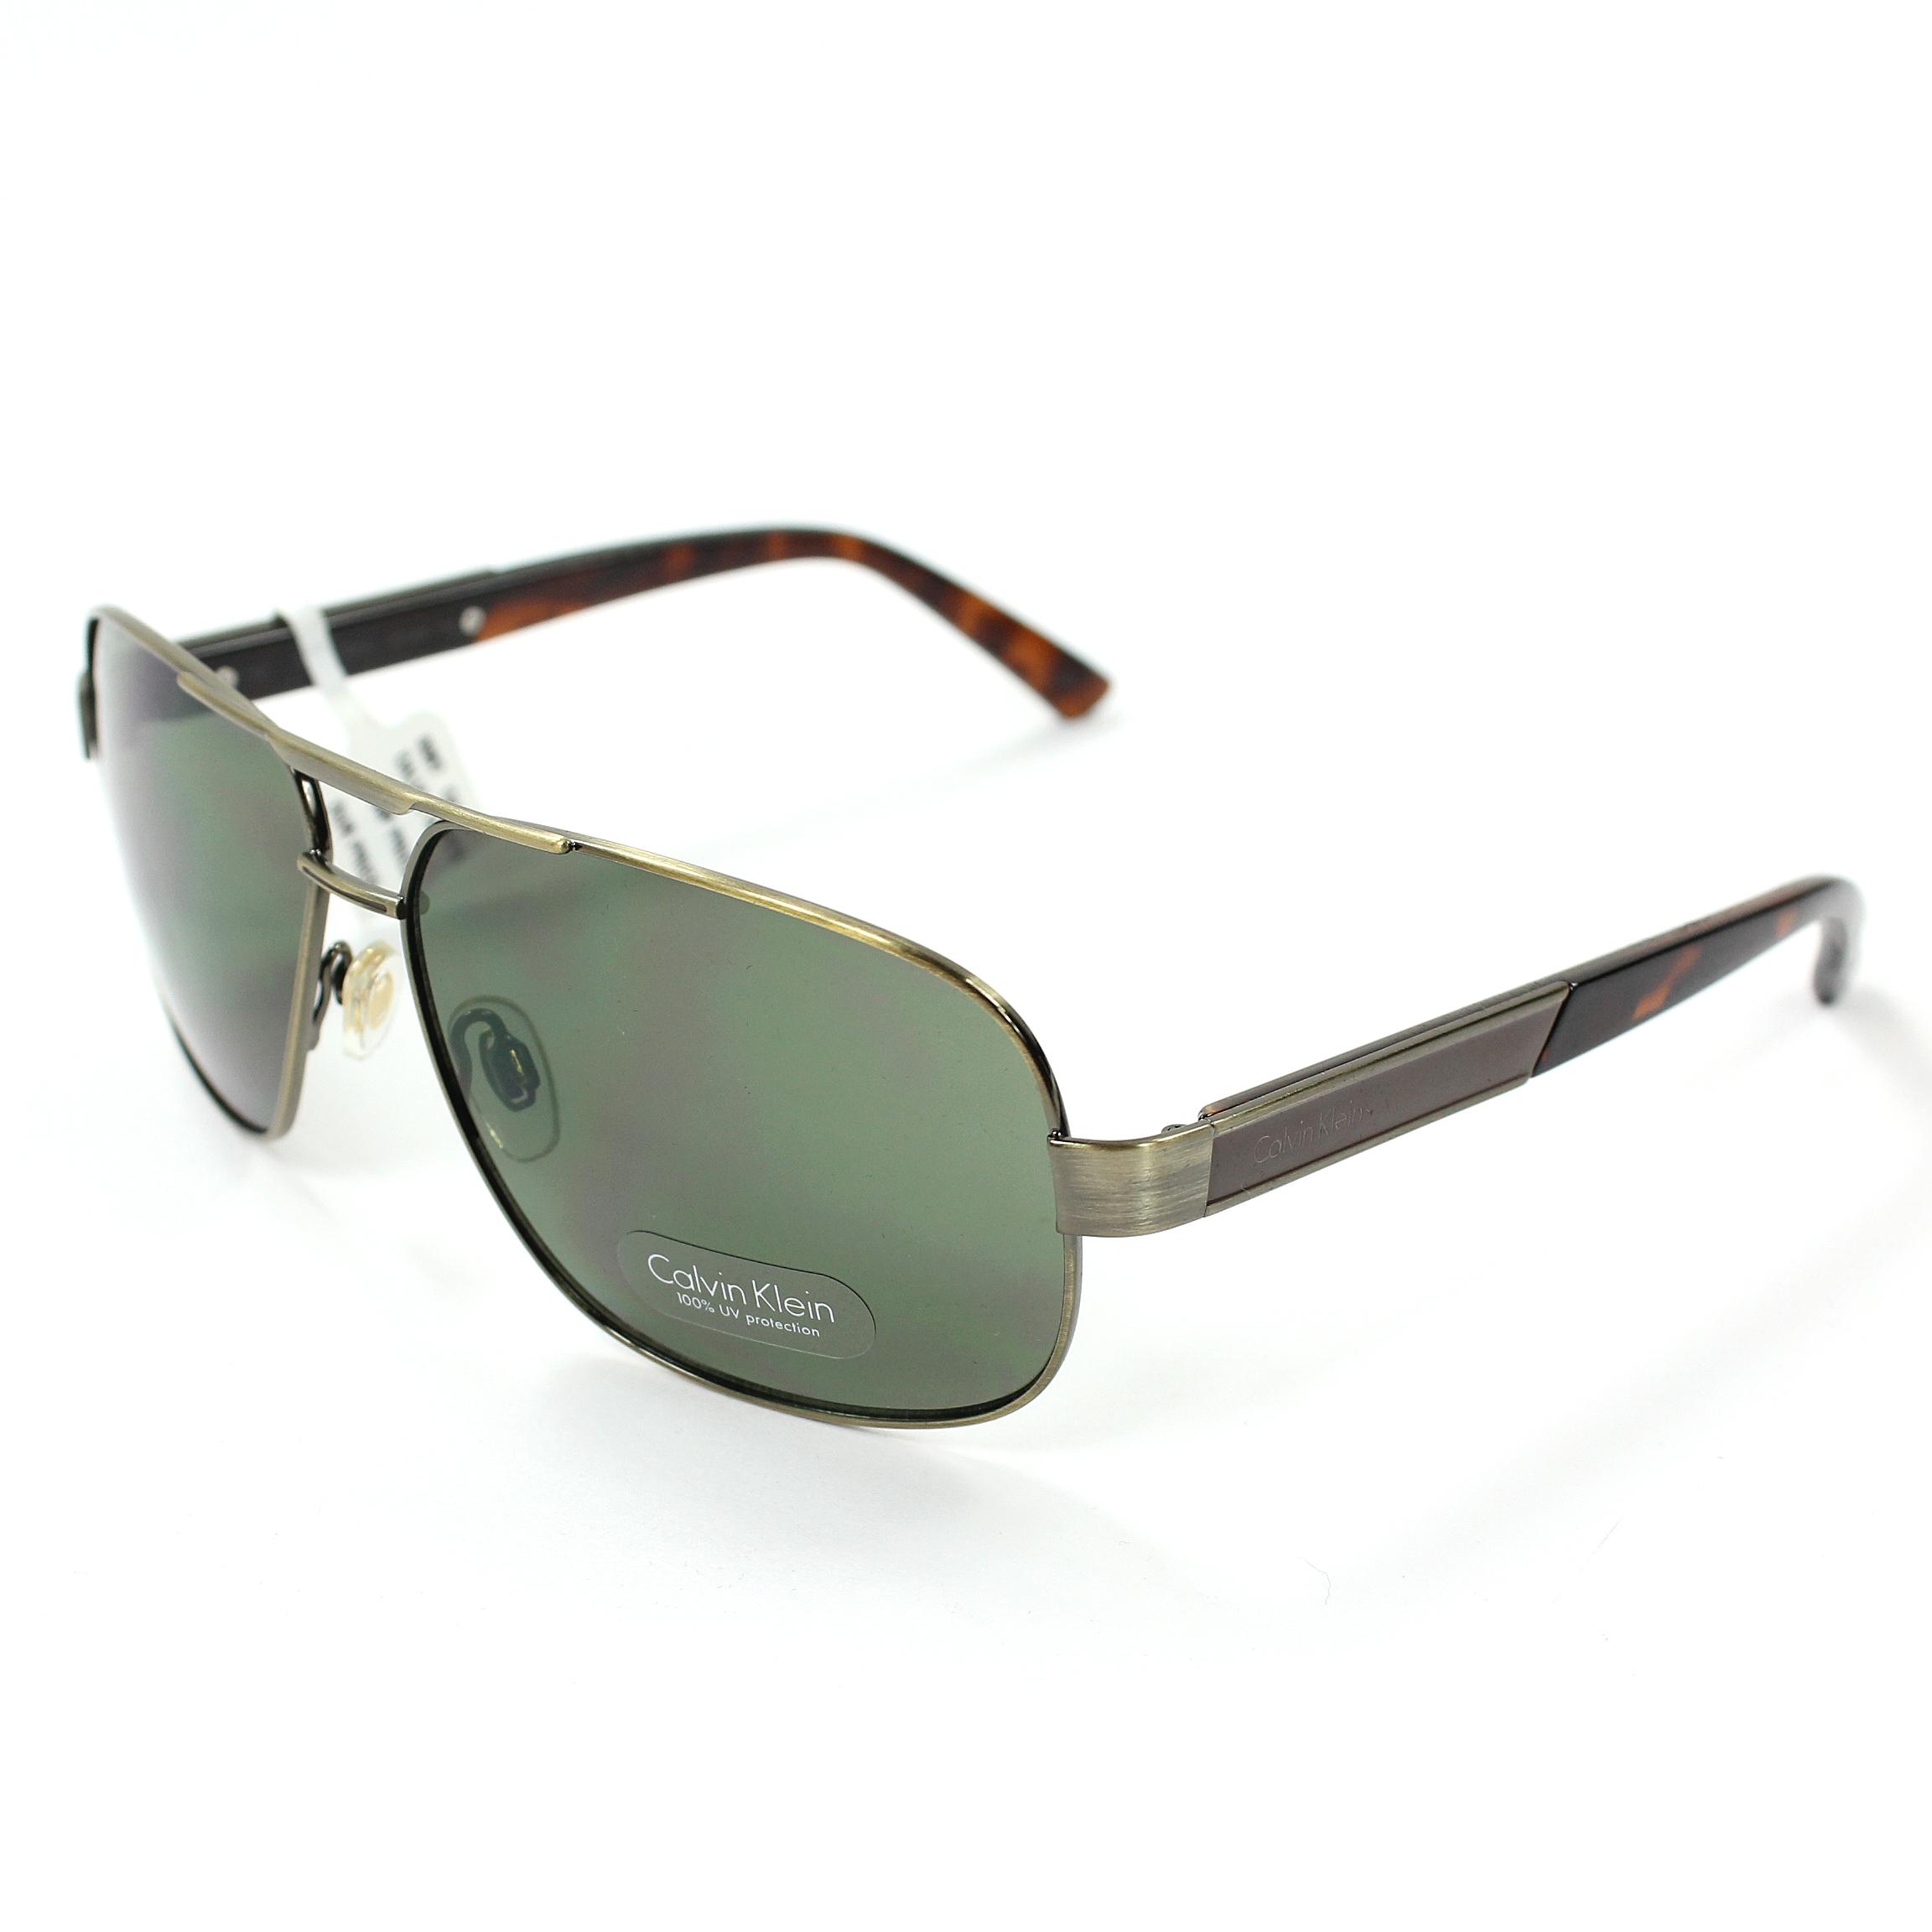 美國百分百【全新真品】Calvin Klein 眼鏡 CK 太陽眼鏡 墨鏡 古銅金 飛行 玳瑁 抗UV 男 女 E080